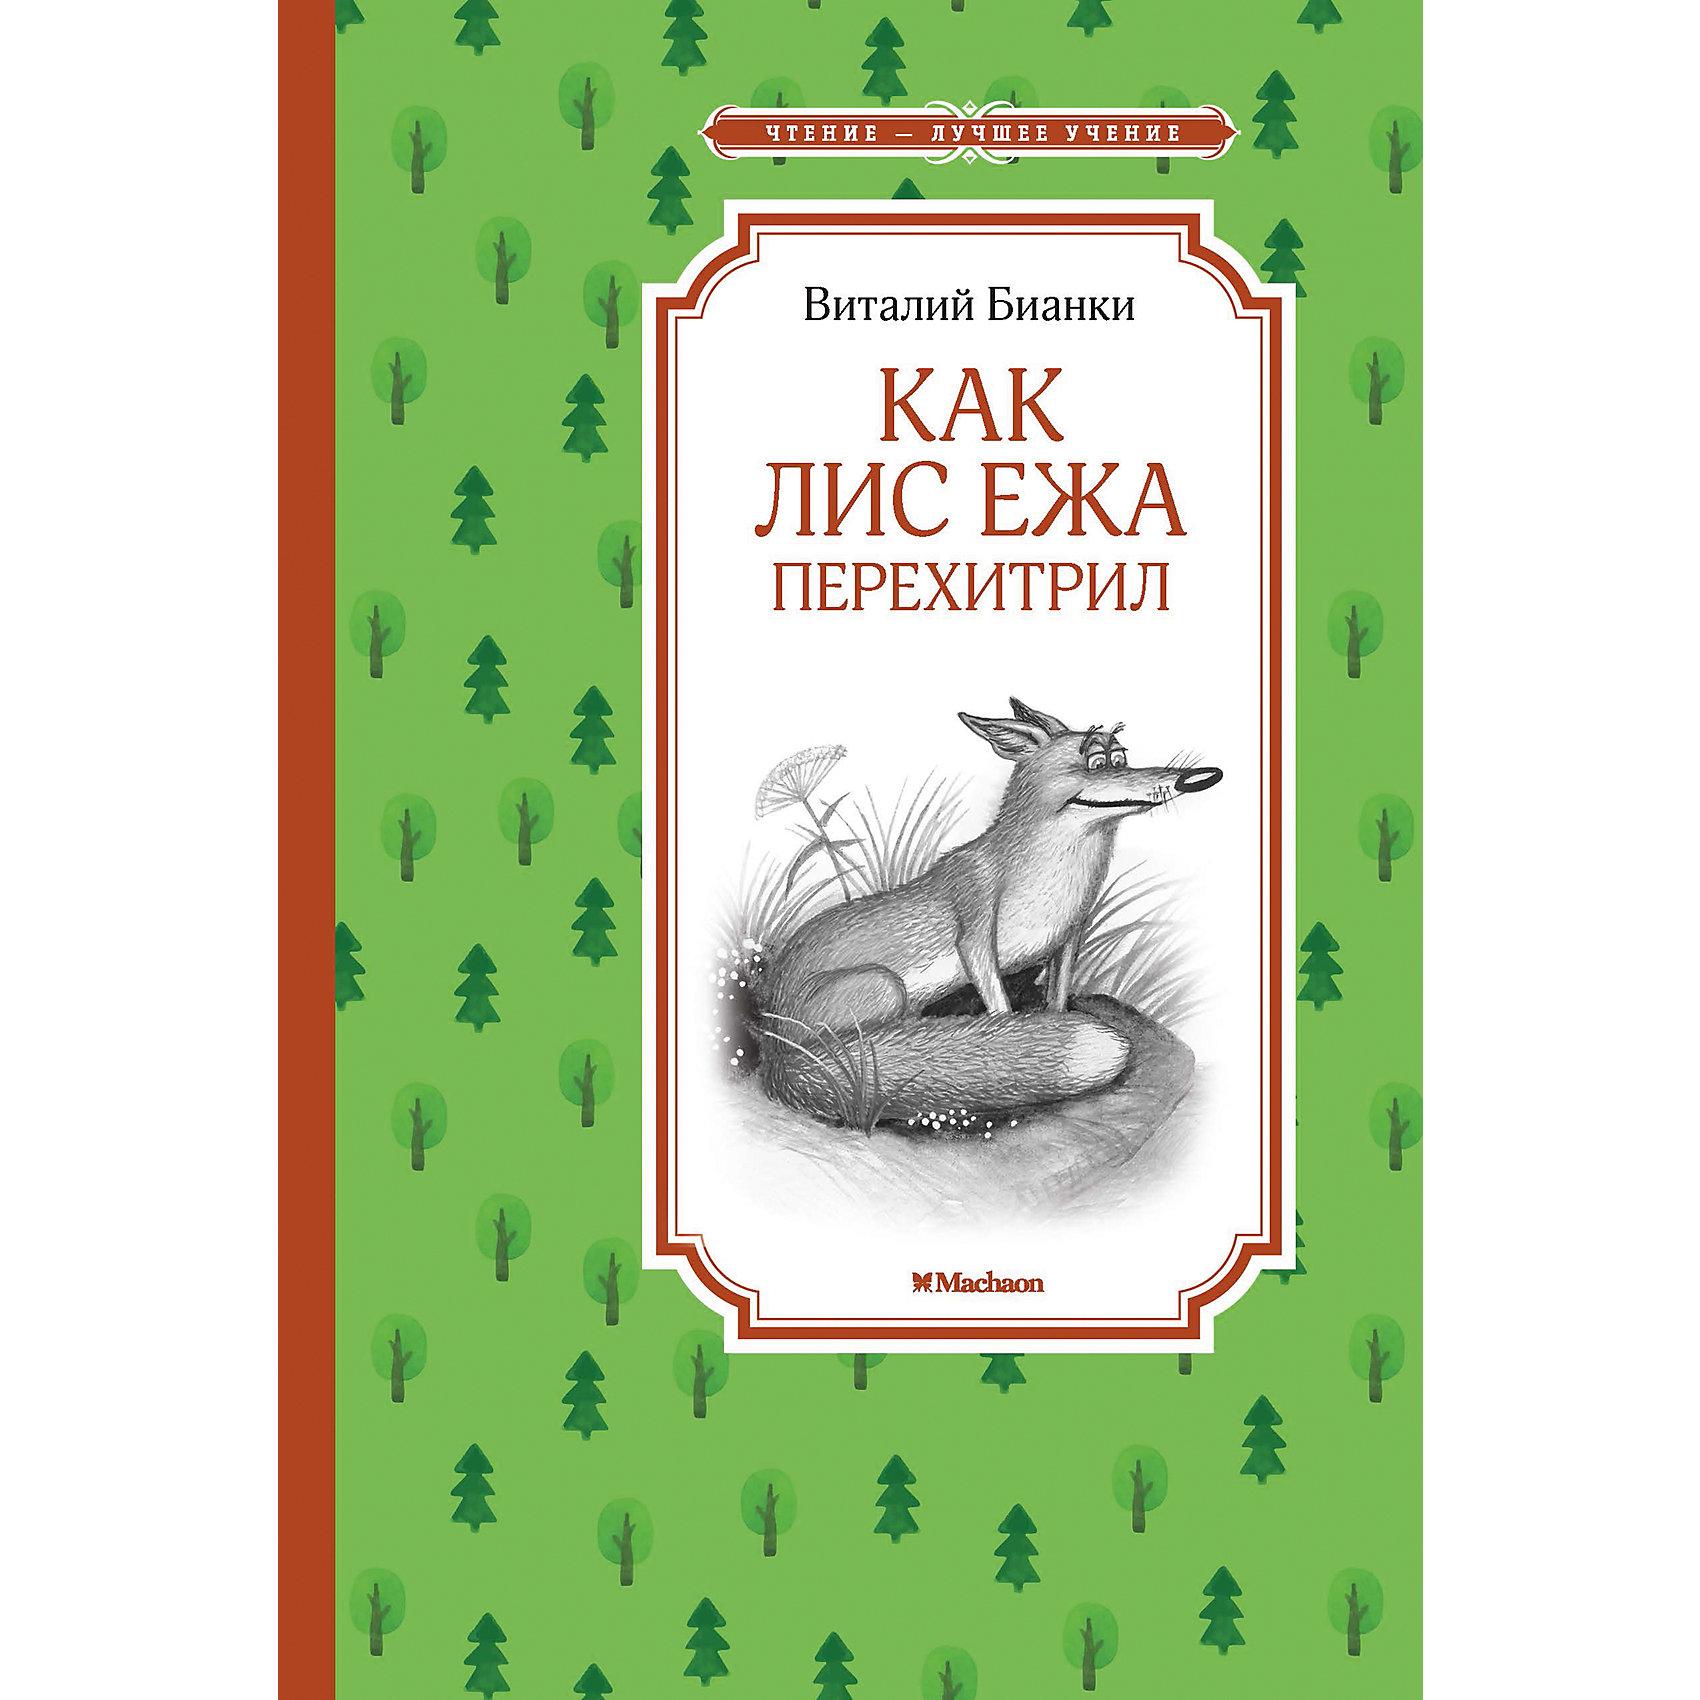 Как Лис Ежа перехитрил, В.В. БианкиСказки, рассказы, стихи<br>В.В. Бианки – классик детской литературы. Его книги о лесе и его обитателях соединили в себе поэзию и точное знание.<br>Писатель назвал свои произведения сказки-несказки, потому что, с одной стороны, как натуралист он изложил в них научные знания, а с другой – своими «волшебными» словами расколдовал многие тайны природы.<br><br>Дополнительная информация:<br><br>Возраст: нет ограничений;<br>Автор: Виталий Валентинович Бианки;<br>Формат: 21х14 см.;<br>Переплет: твердый переплет;<br>Страниц: 160;<br>Масса: 268 г.<br>ISBN: 978-5-389-10820-2<br><br>Такая книга будет послужит прекрасным подарком вашему ребенку!<br><br>Книгу Как лис Ежа перехитрил В.В. Бианки можно купить в нашем магазине.<br><br>Ширина мм: 210<br>Глубина мм: 140<br>Высота мм: 12<br>Вес г: 268<br>Возраст от месяцев: 84<br>Возраст до месяцев: 120<br>Пол: Унисекс<br>Возраст: Детский<br>SKU: 4725953